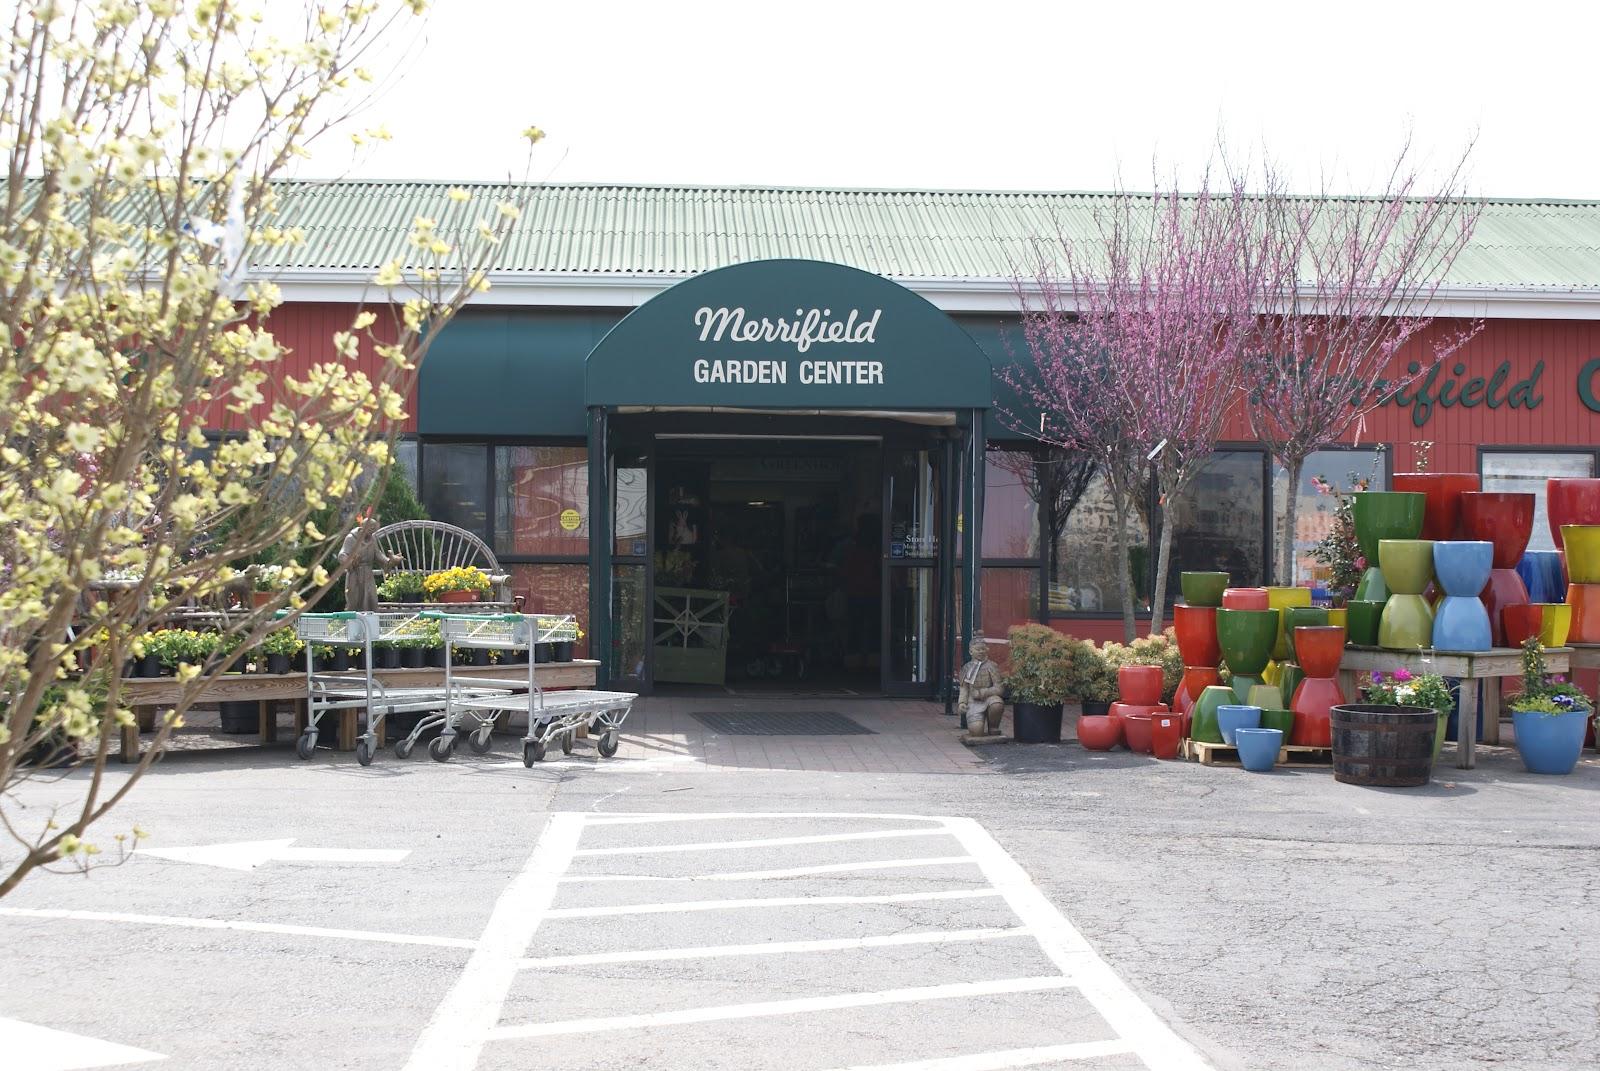 Merrifield garden center mulch delivery fasci garden - Merrifield garden center fairfax va ...